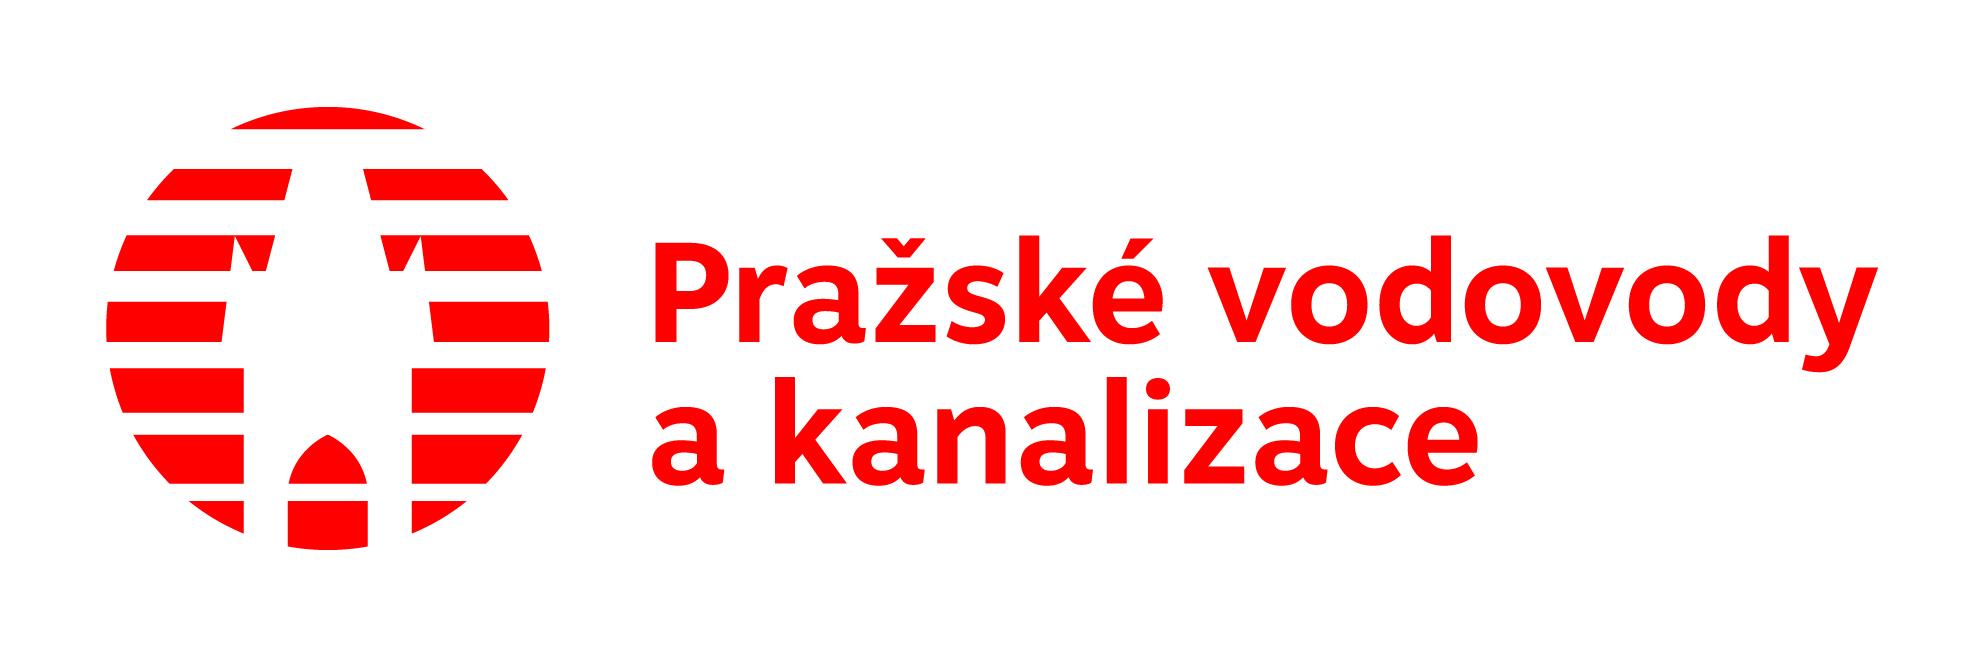 Pražské vodovody a kanalizace